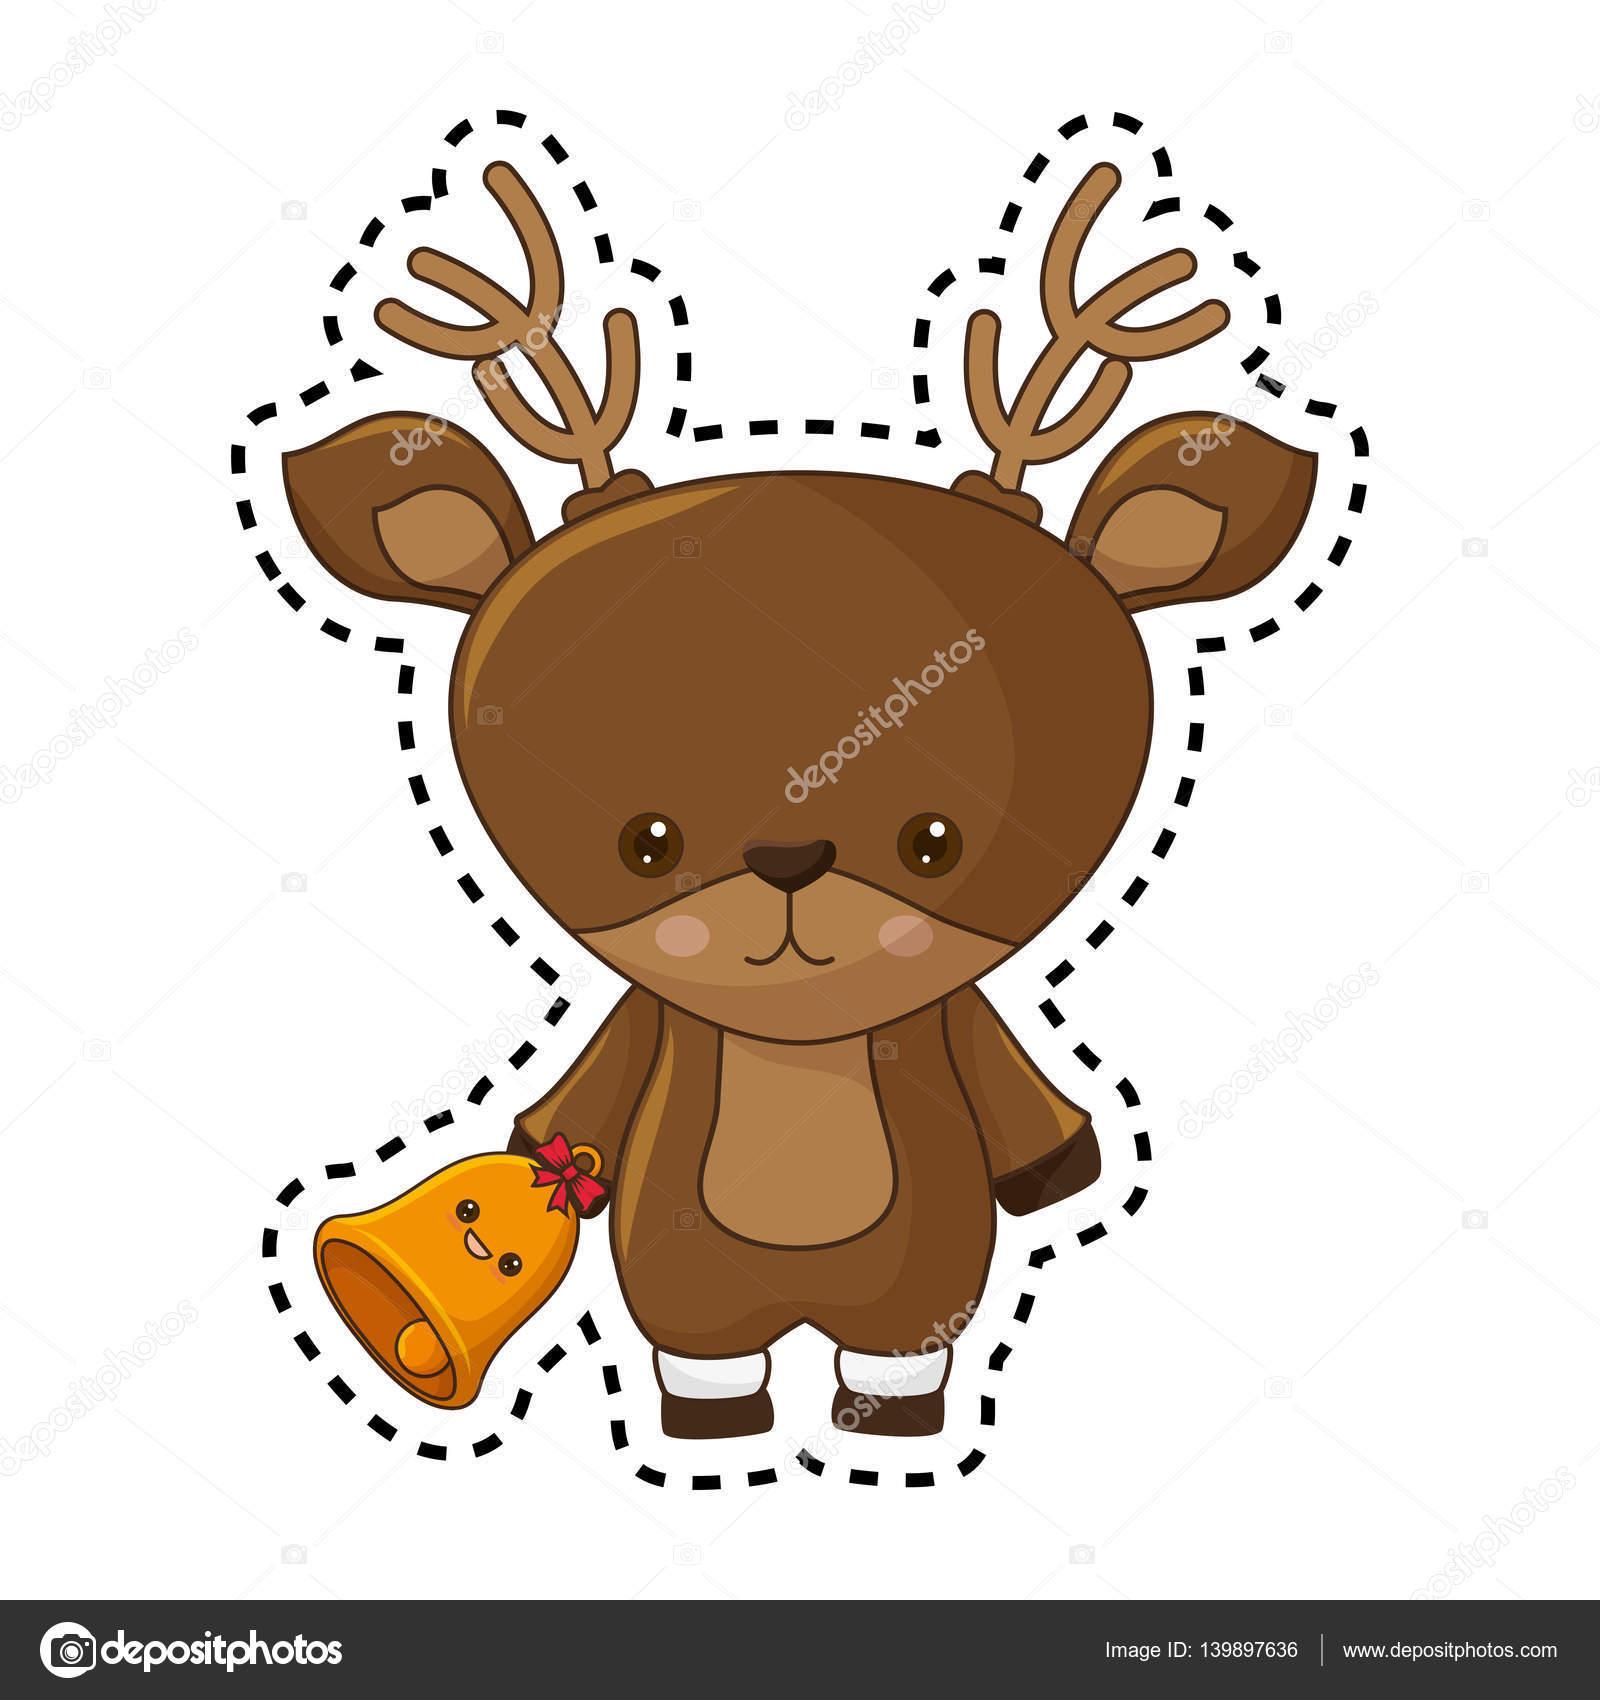 Disegni Di Natale Kawaii.Disegni Di Renne Kawaii Felice Natale Personaggio Kawaii Di Renna